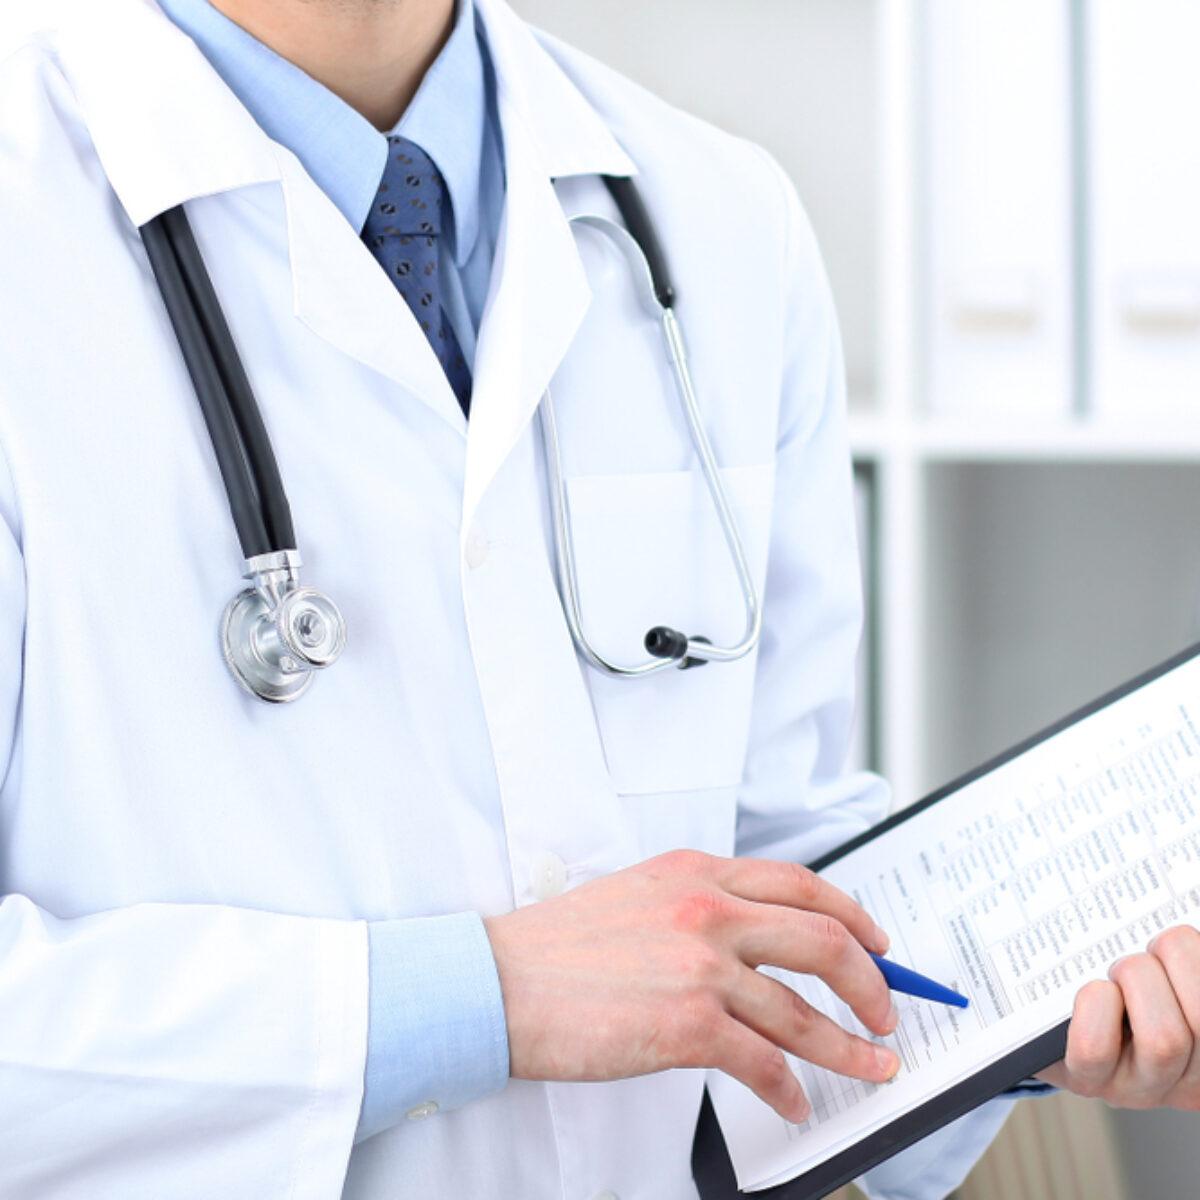 termine medico che significa infiammazione della ghiandola prostatica